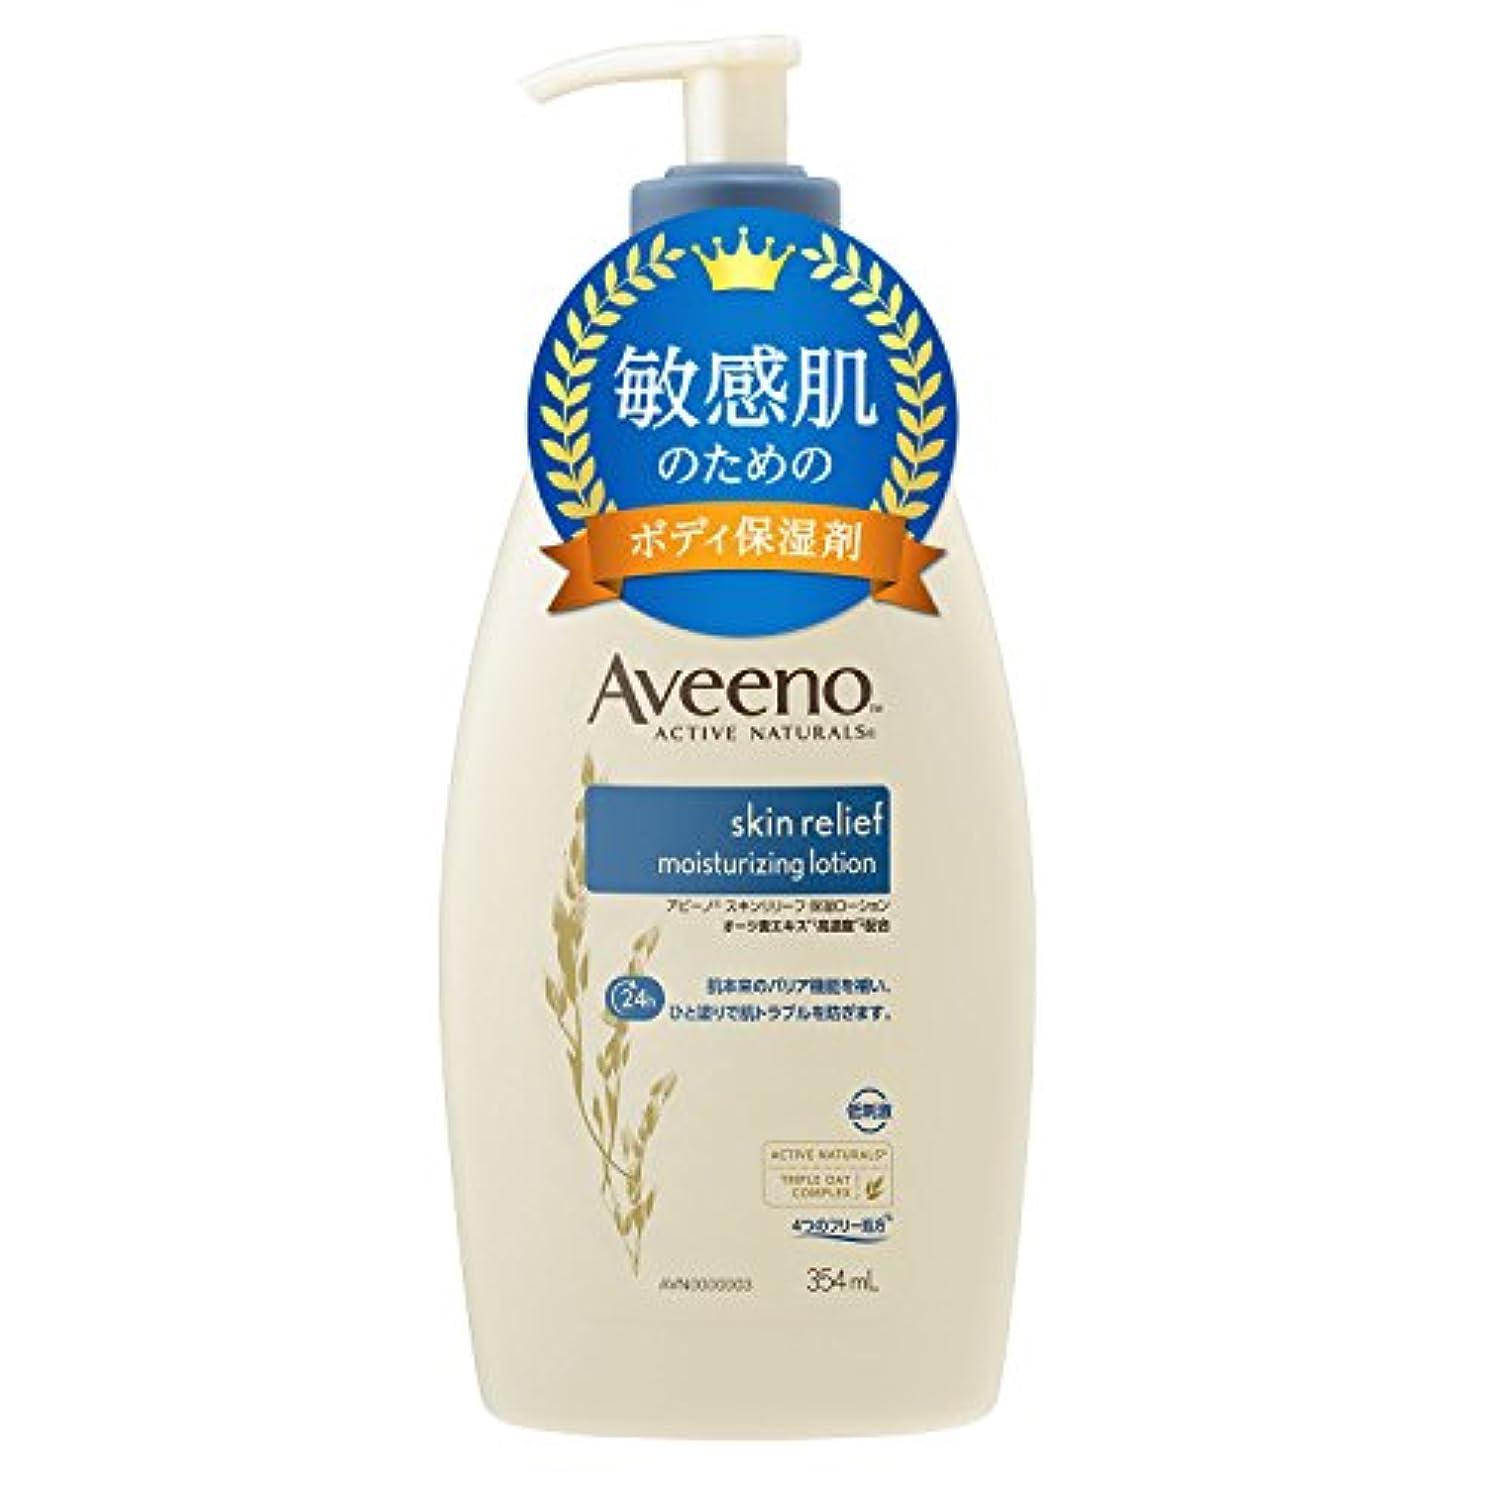 離れたゆり規制する【Amazon.co.jp限定】Aveeno(アビーノ) スキンリリーフ 保湿ローション 354ml 【極度の乾燥肌、敏感肌の方向け】